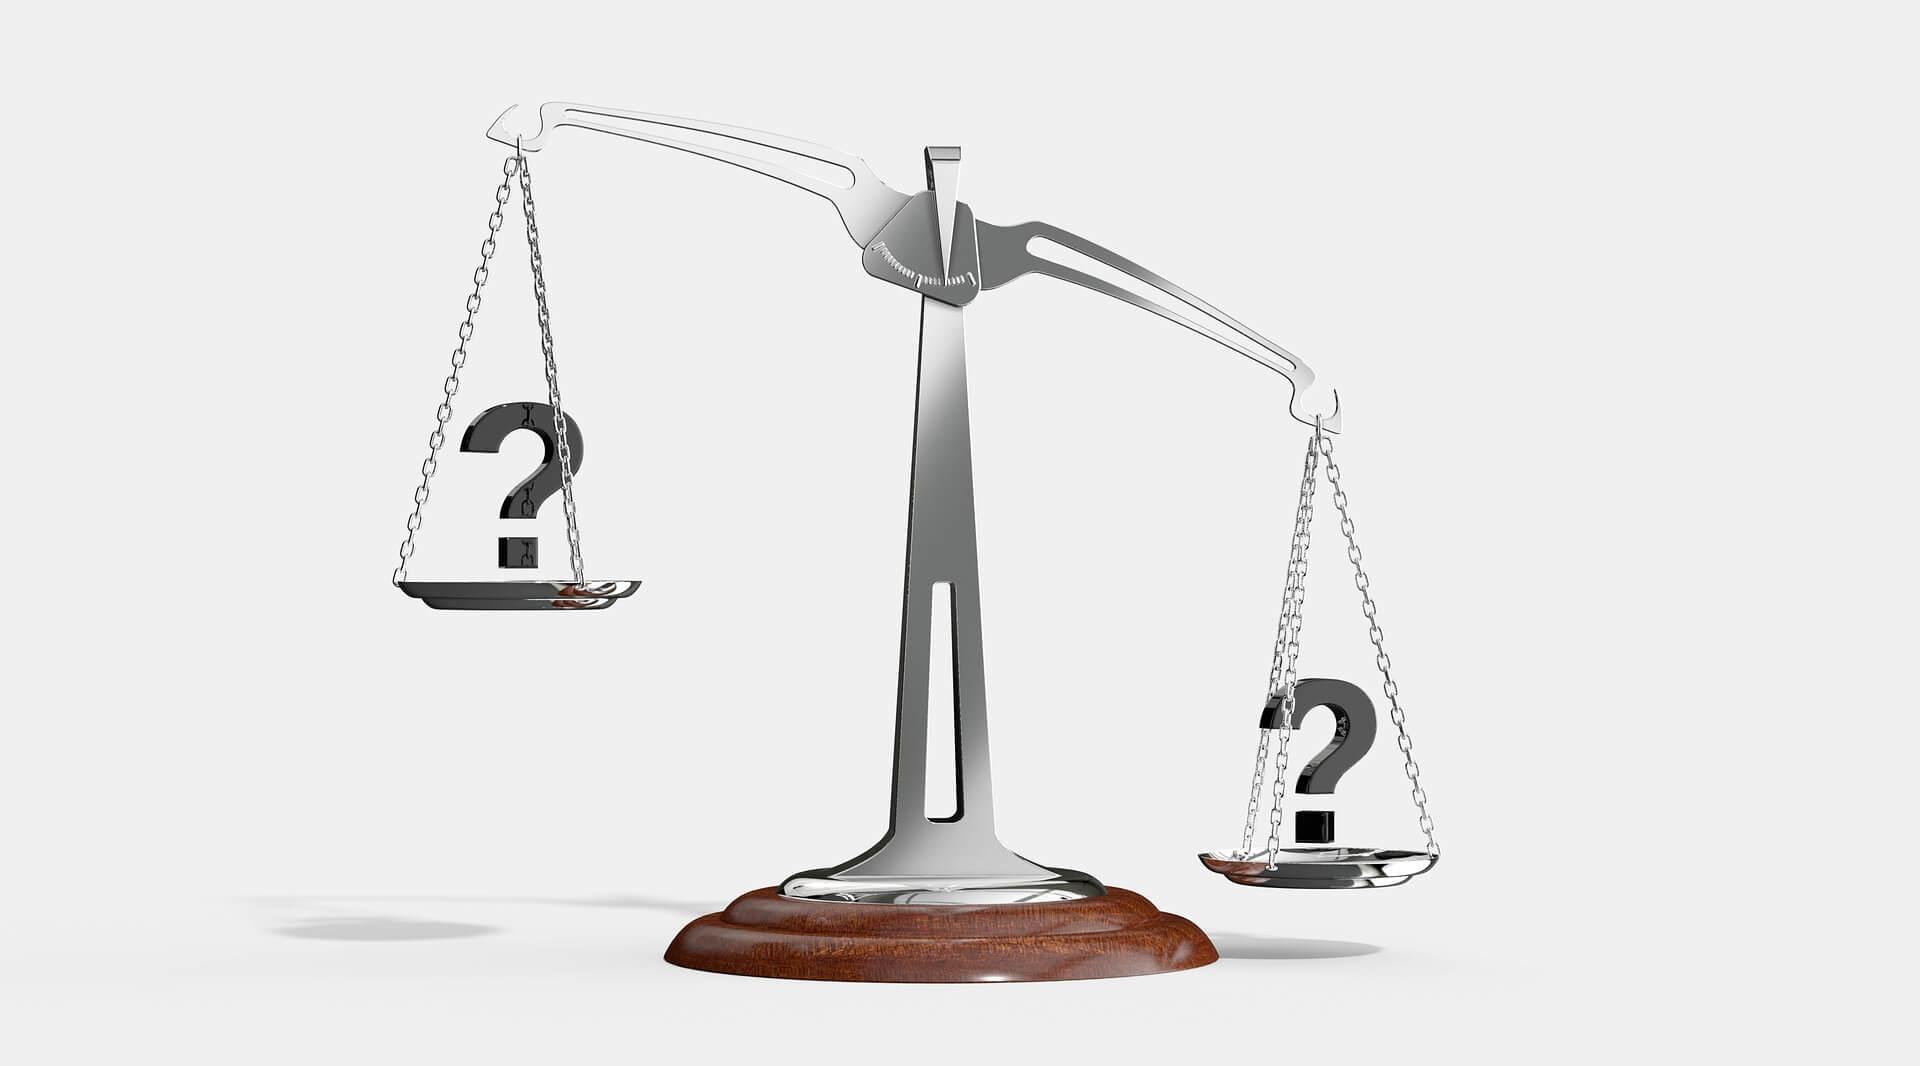 究極の選択!二択の恋愛関係の質問!あなたならどちらを選びますか?